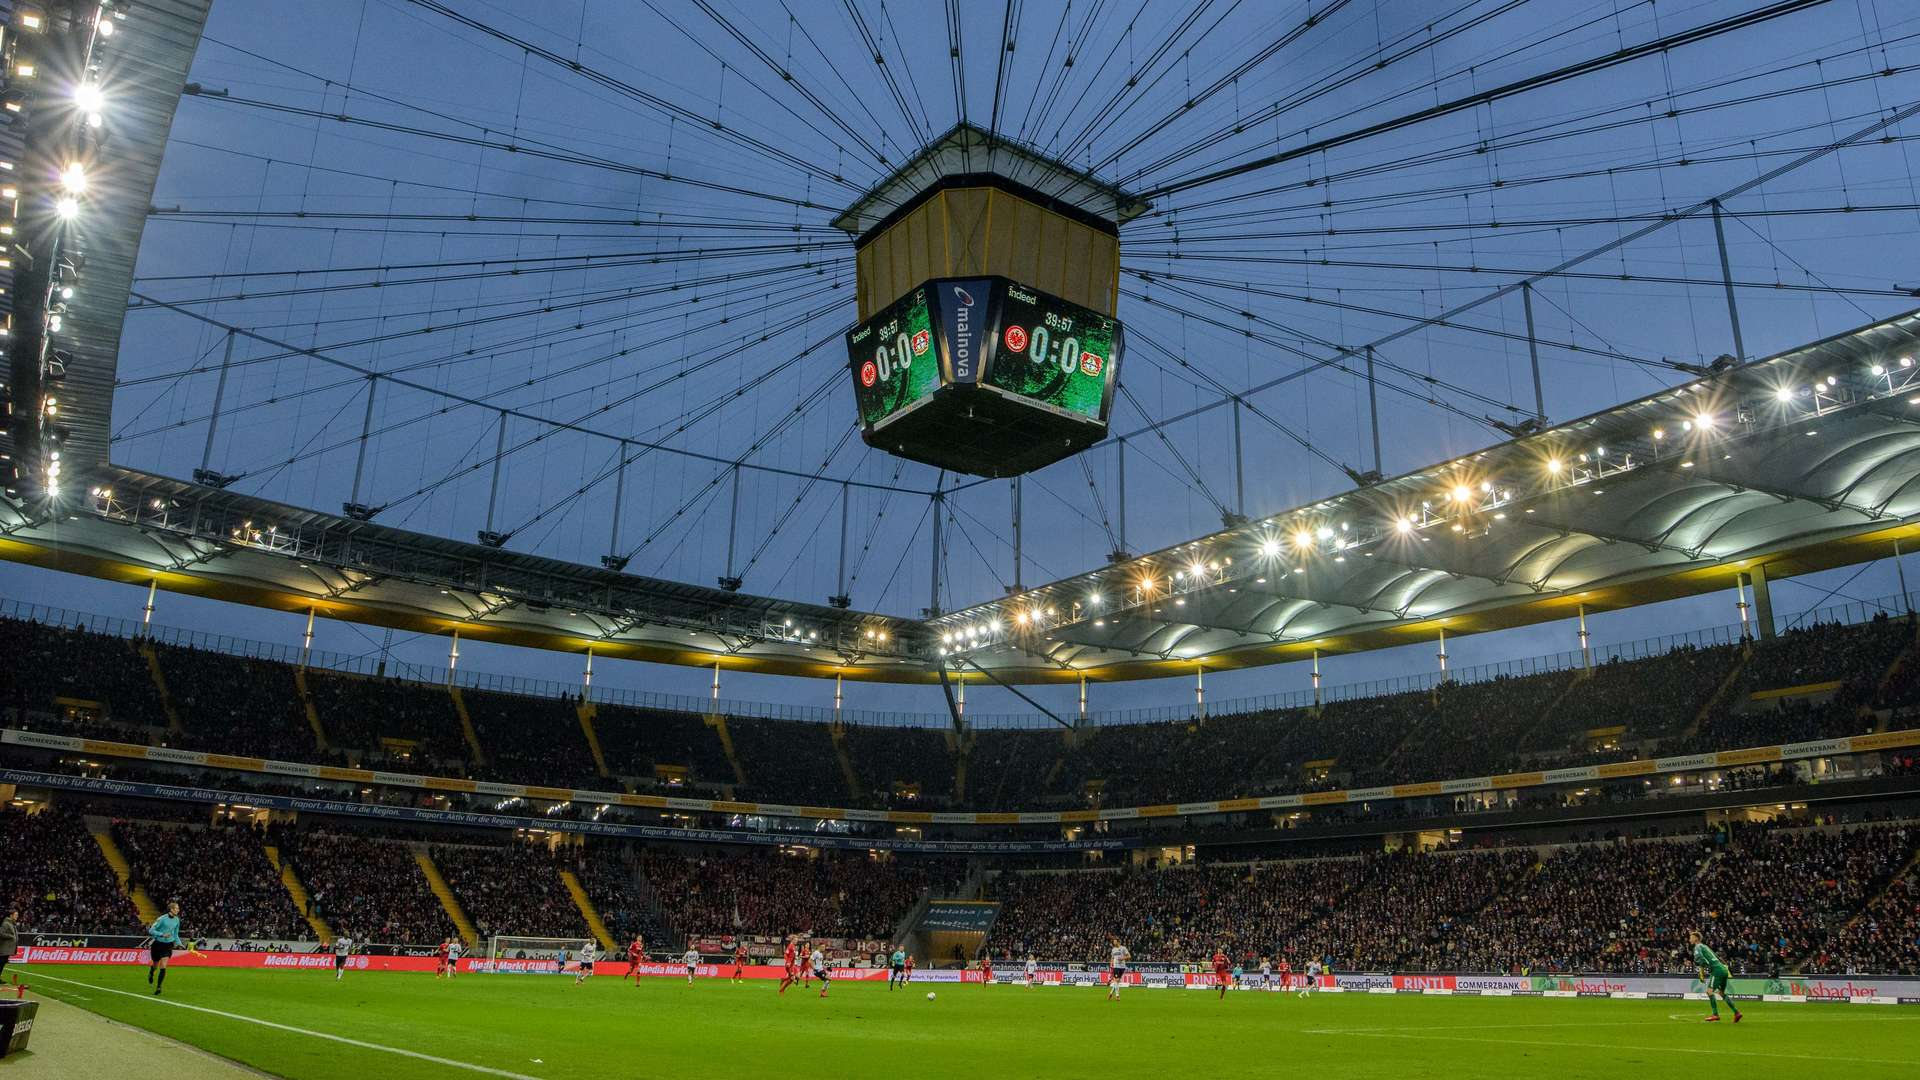 Parkplatz Frankfurt Stadion